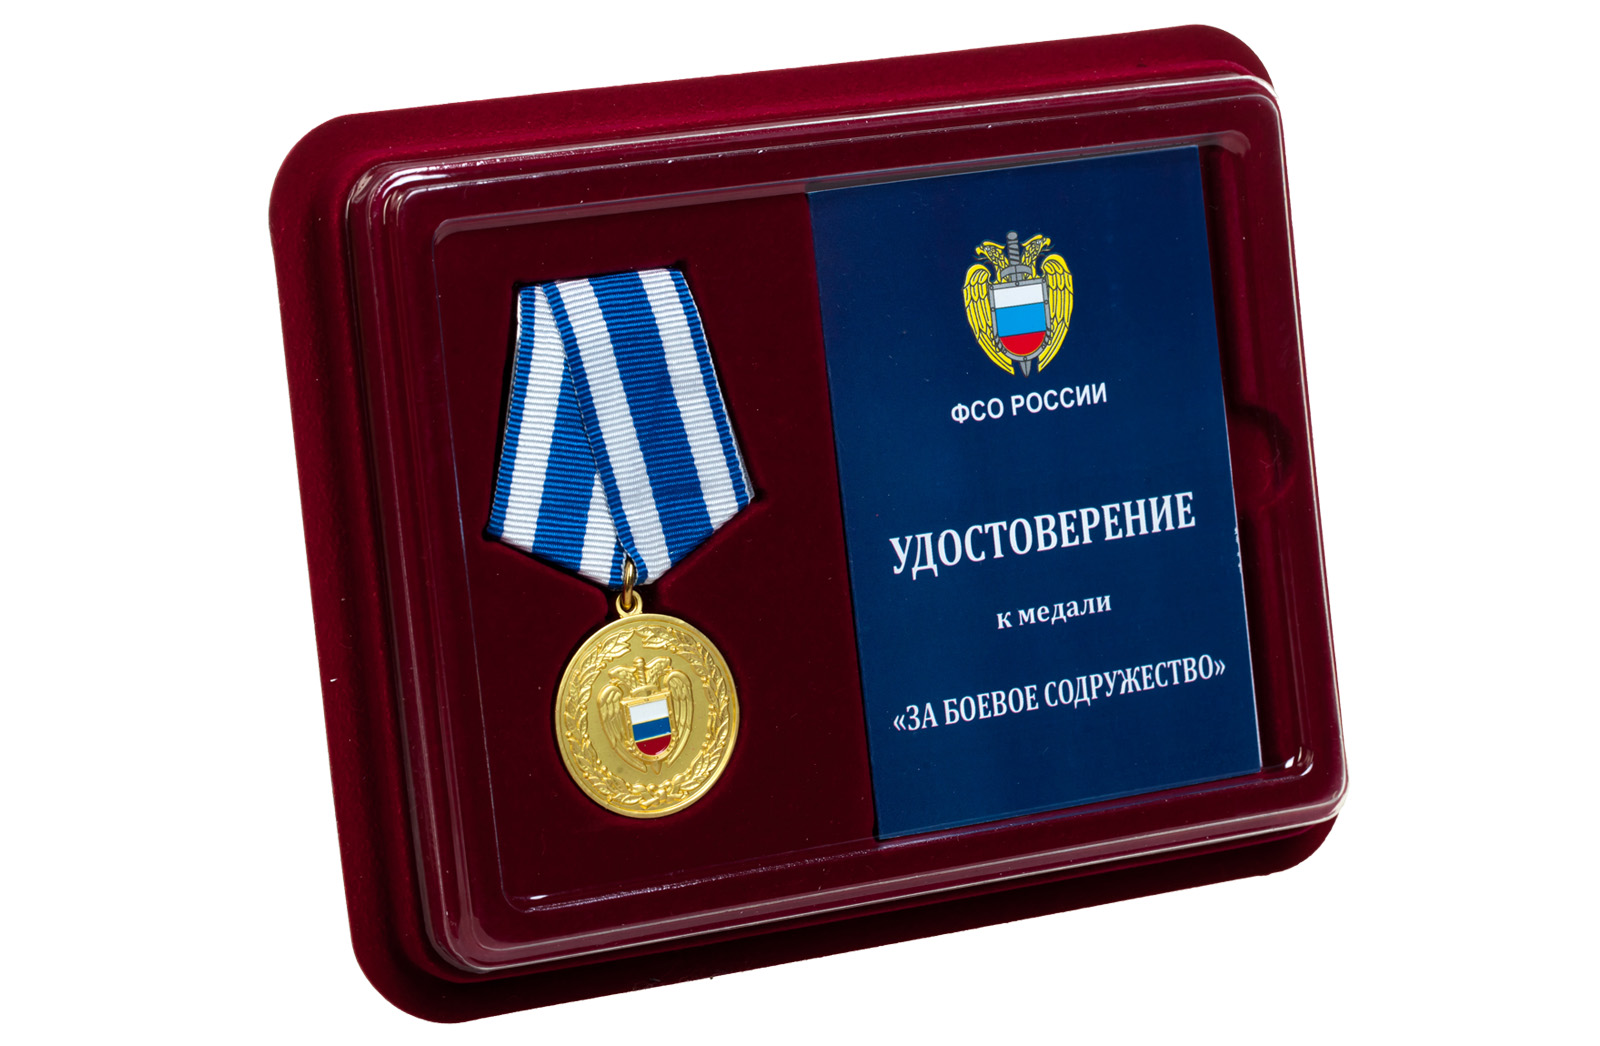 Медаль За боевое содружество ФСО России - в футляре с удостоверением